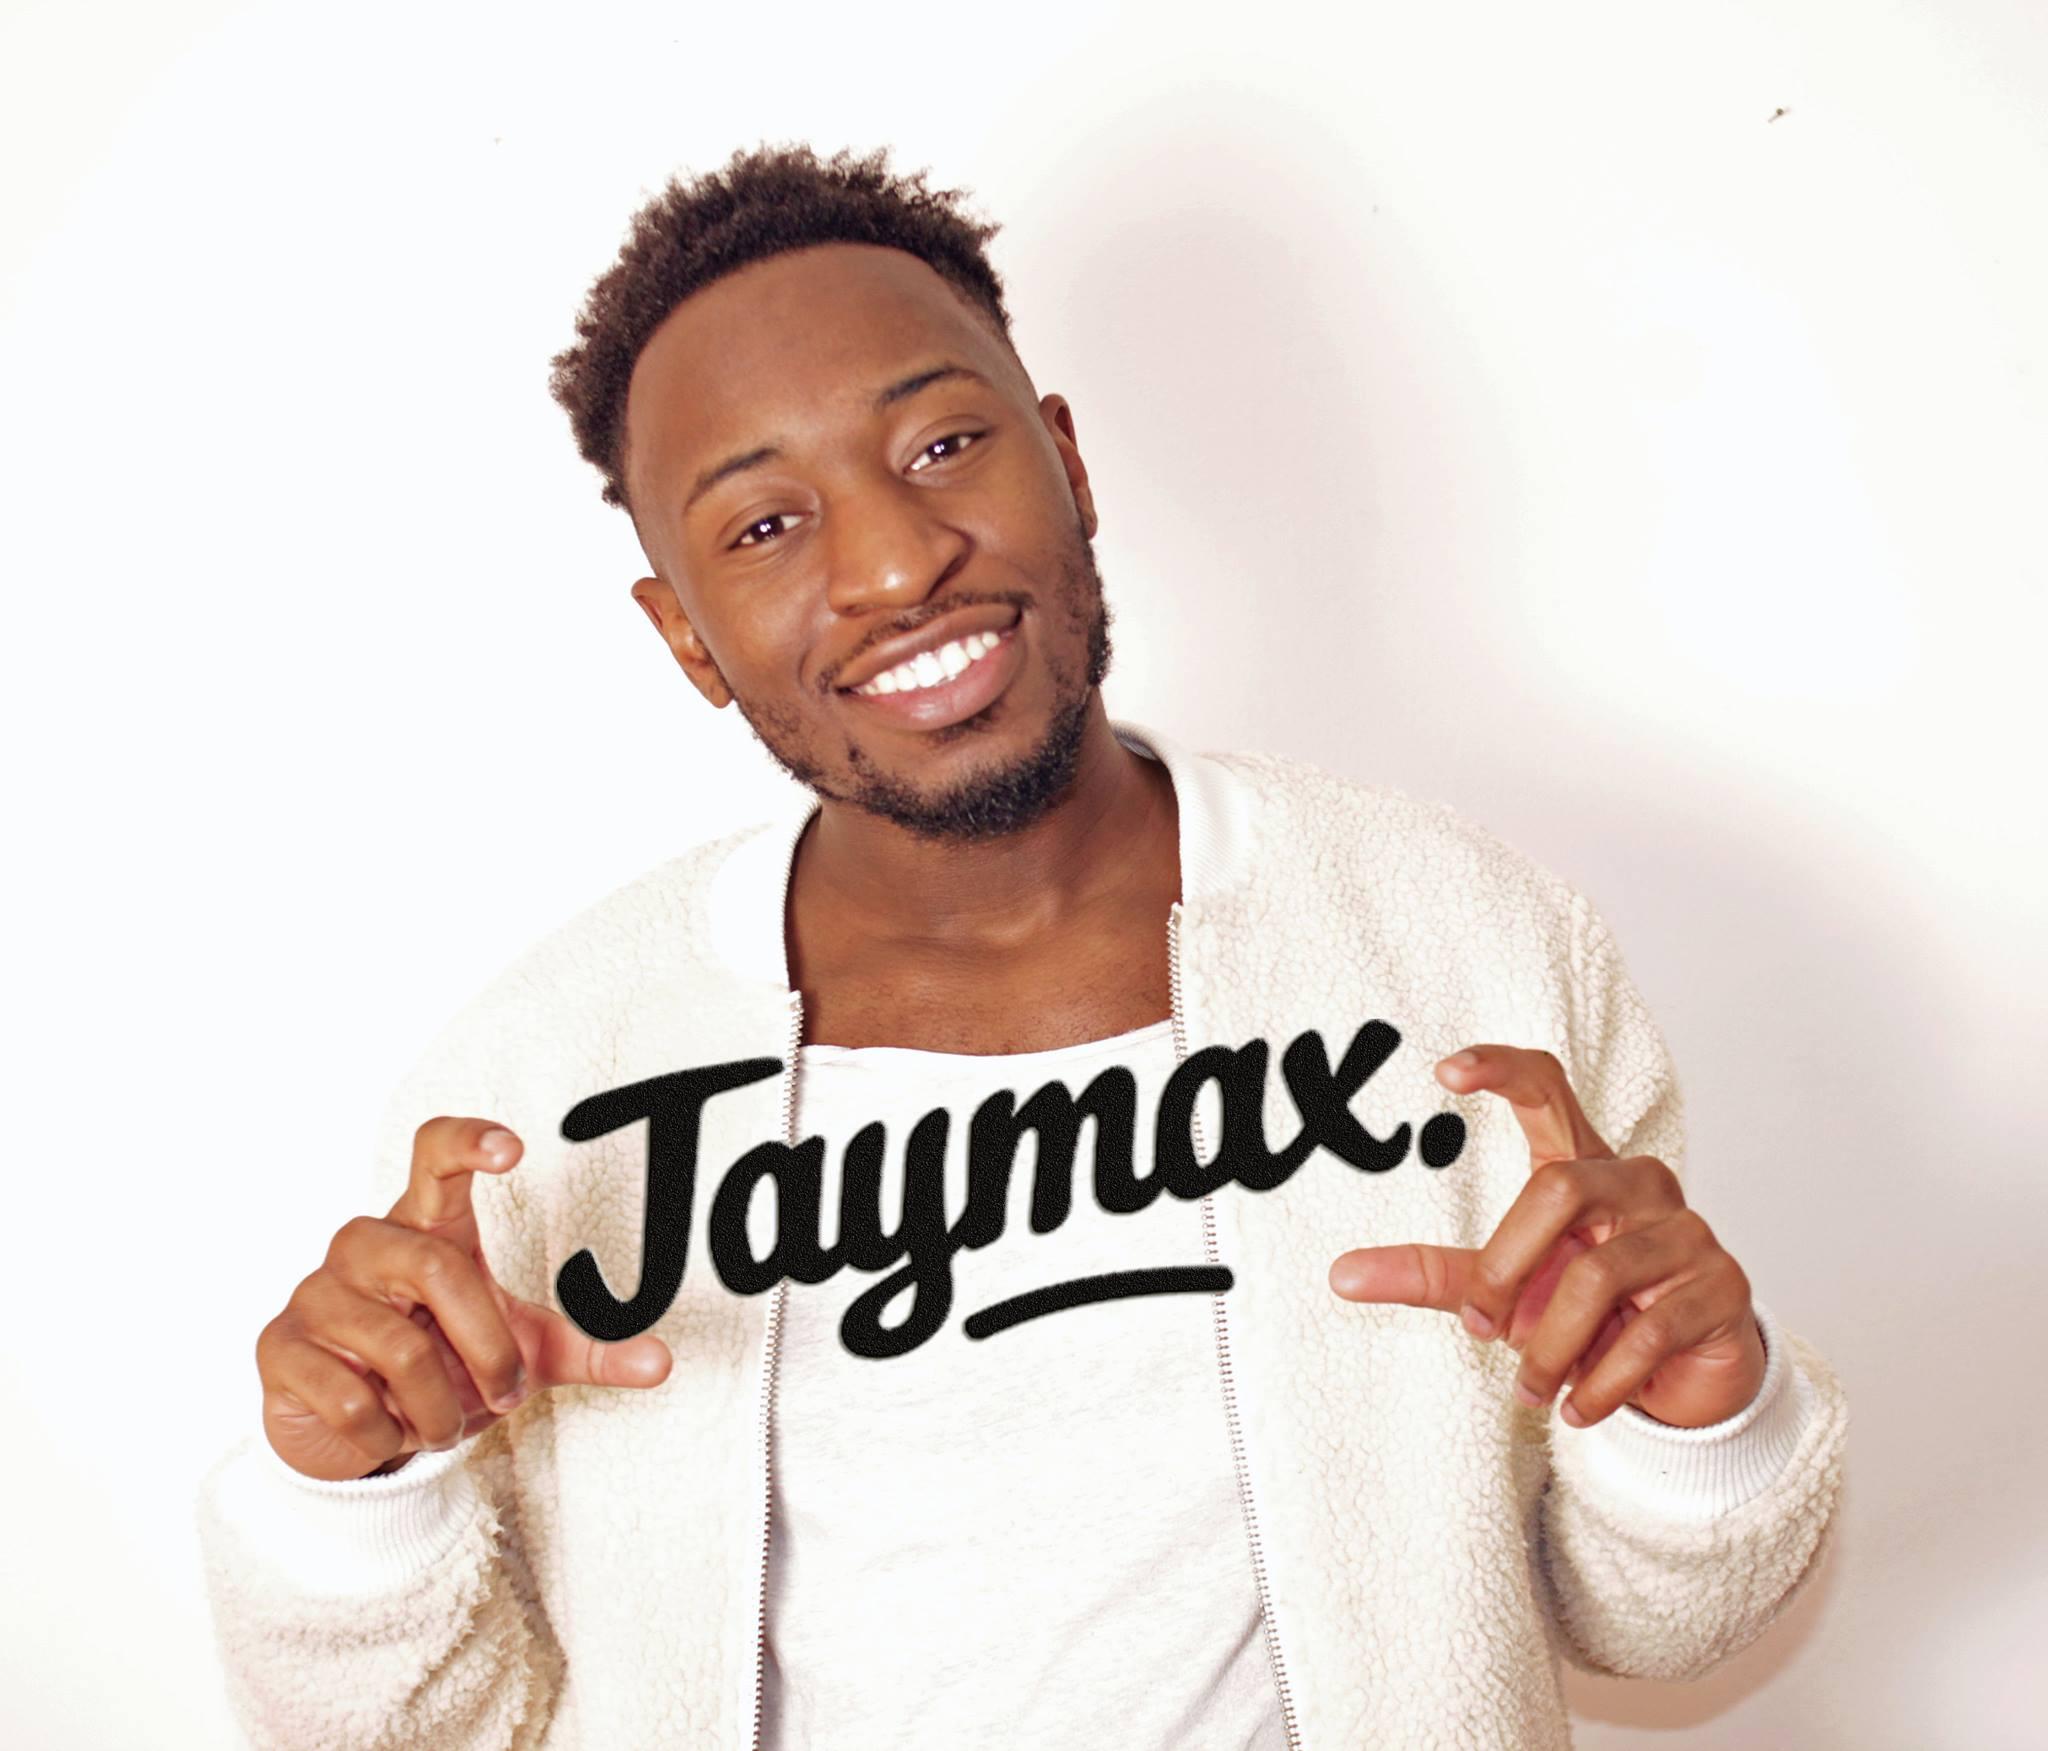 JAY MAX Photo